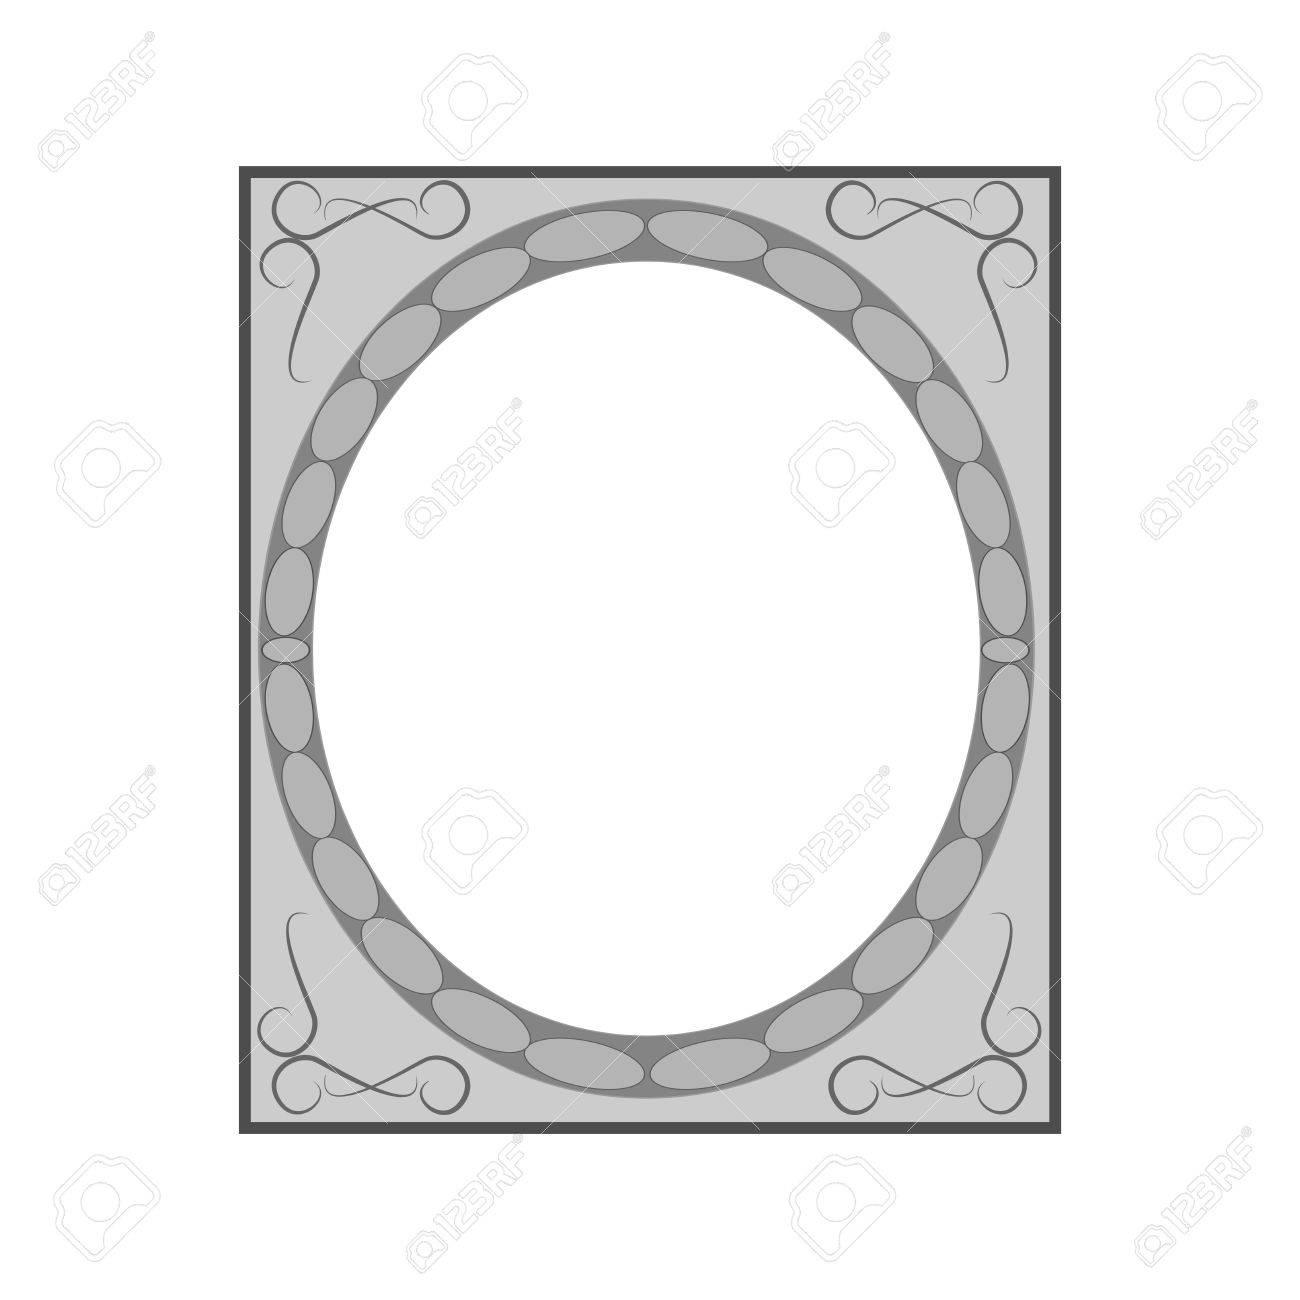 Tarjeta De Marco. Diseño Gráfico Del Fondo De La Moda. Textura ...